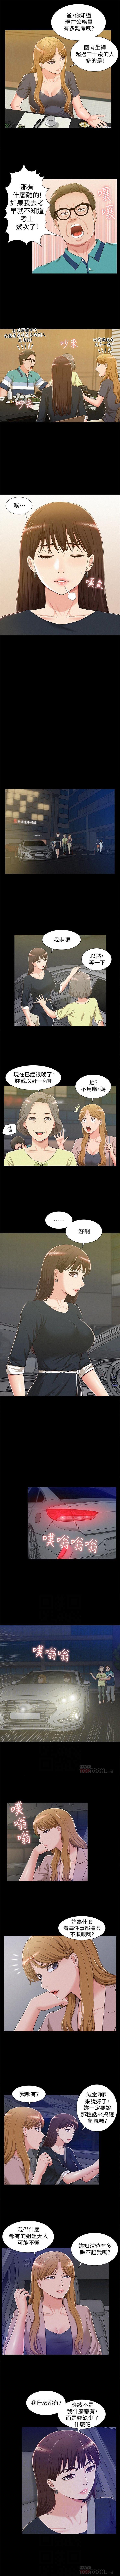 (週4)難言之隱 1-24 中文翻譯(更新中) 42